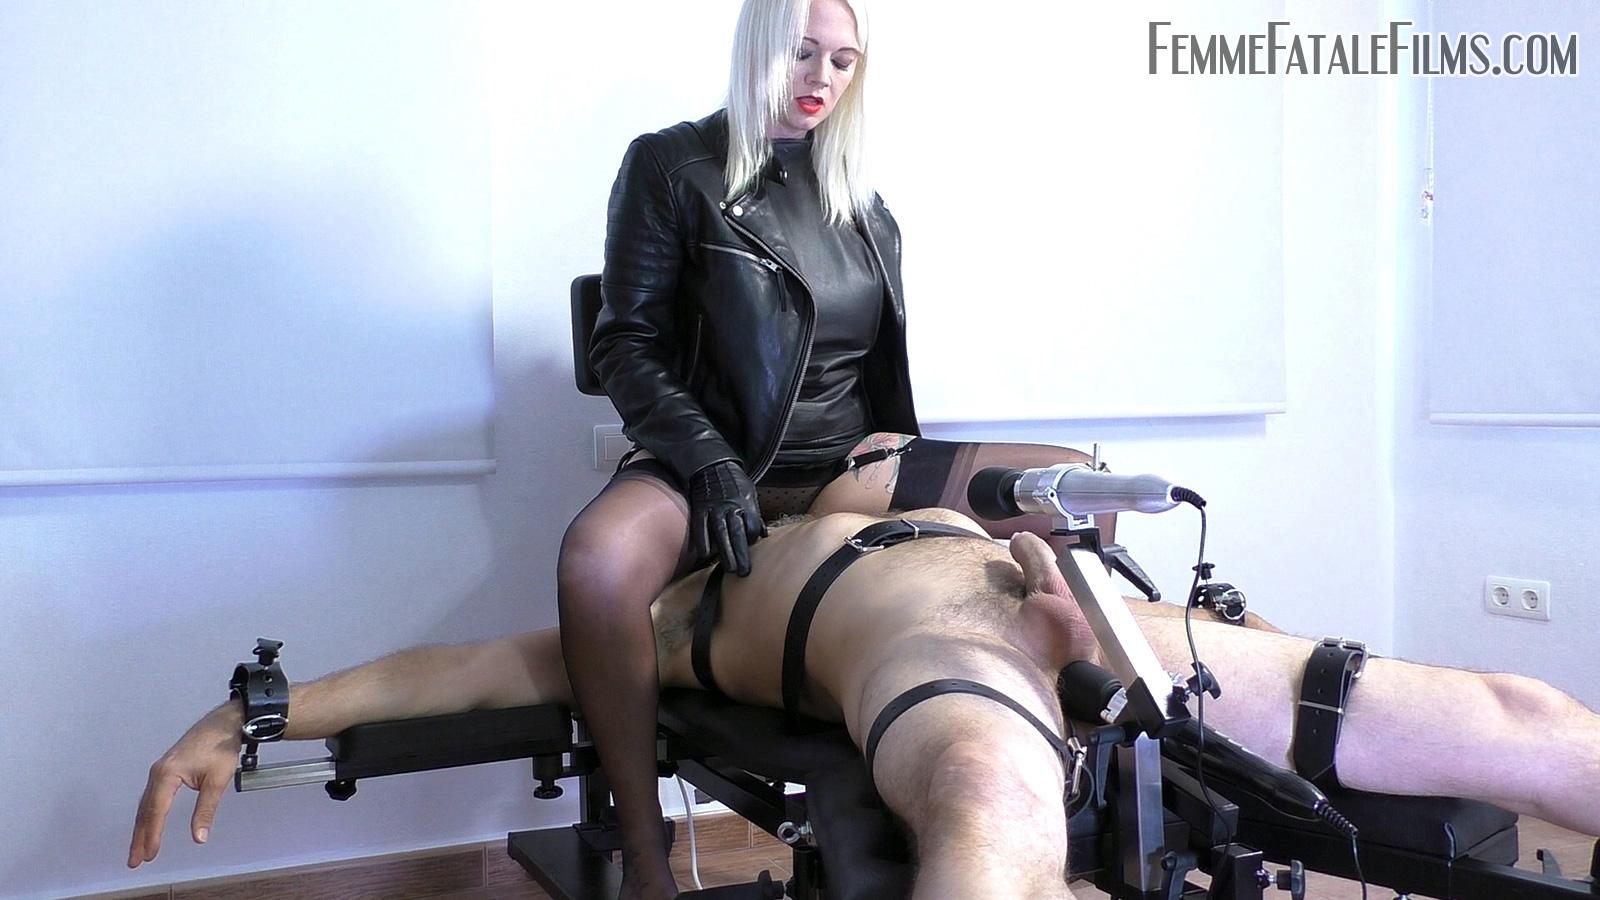 Free femdom cam porn galery